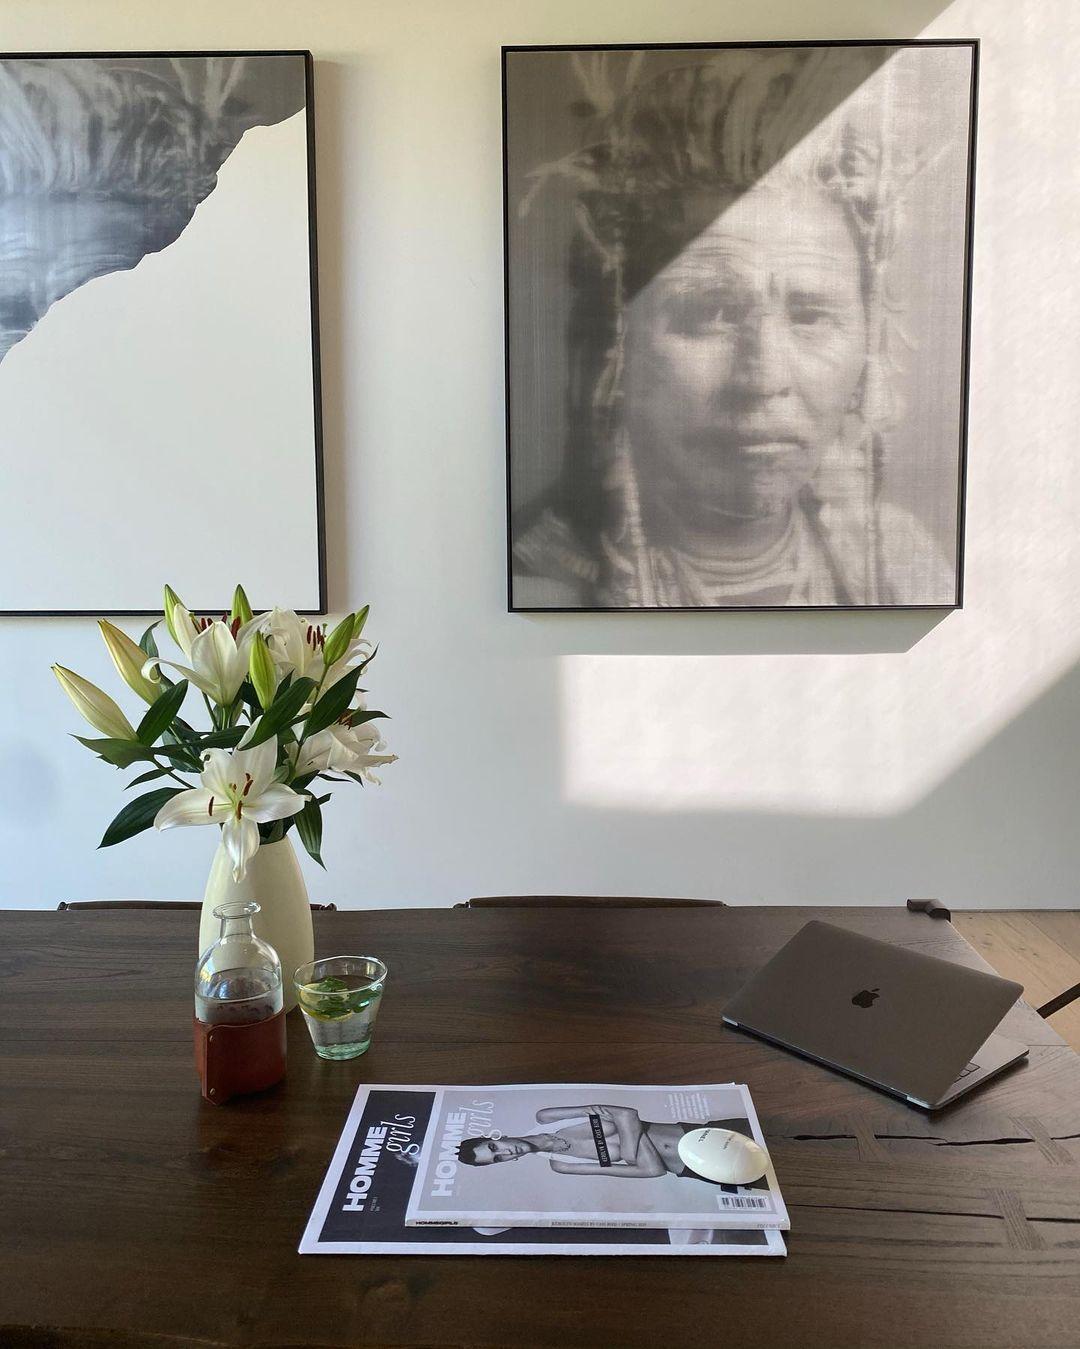 Минимализм и шик: рассматриваем дом Роузи Хантингтон-Уайтли